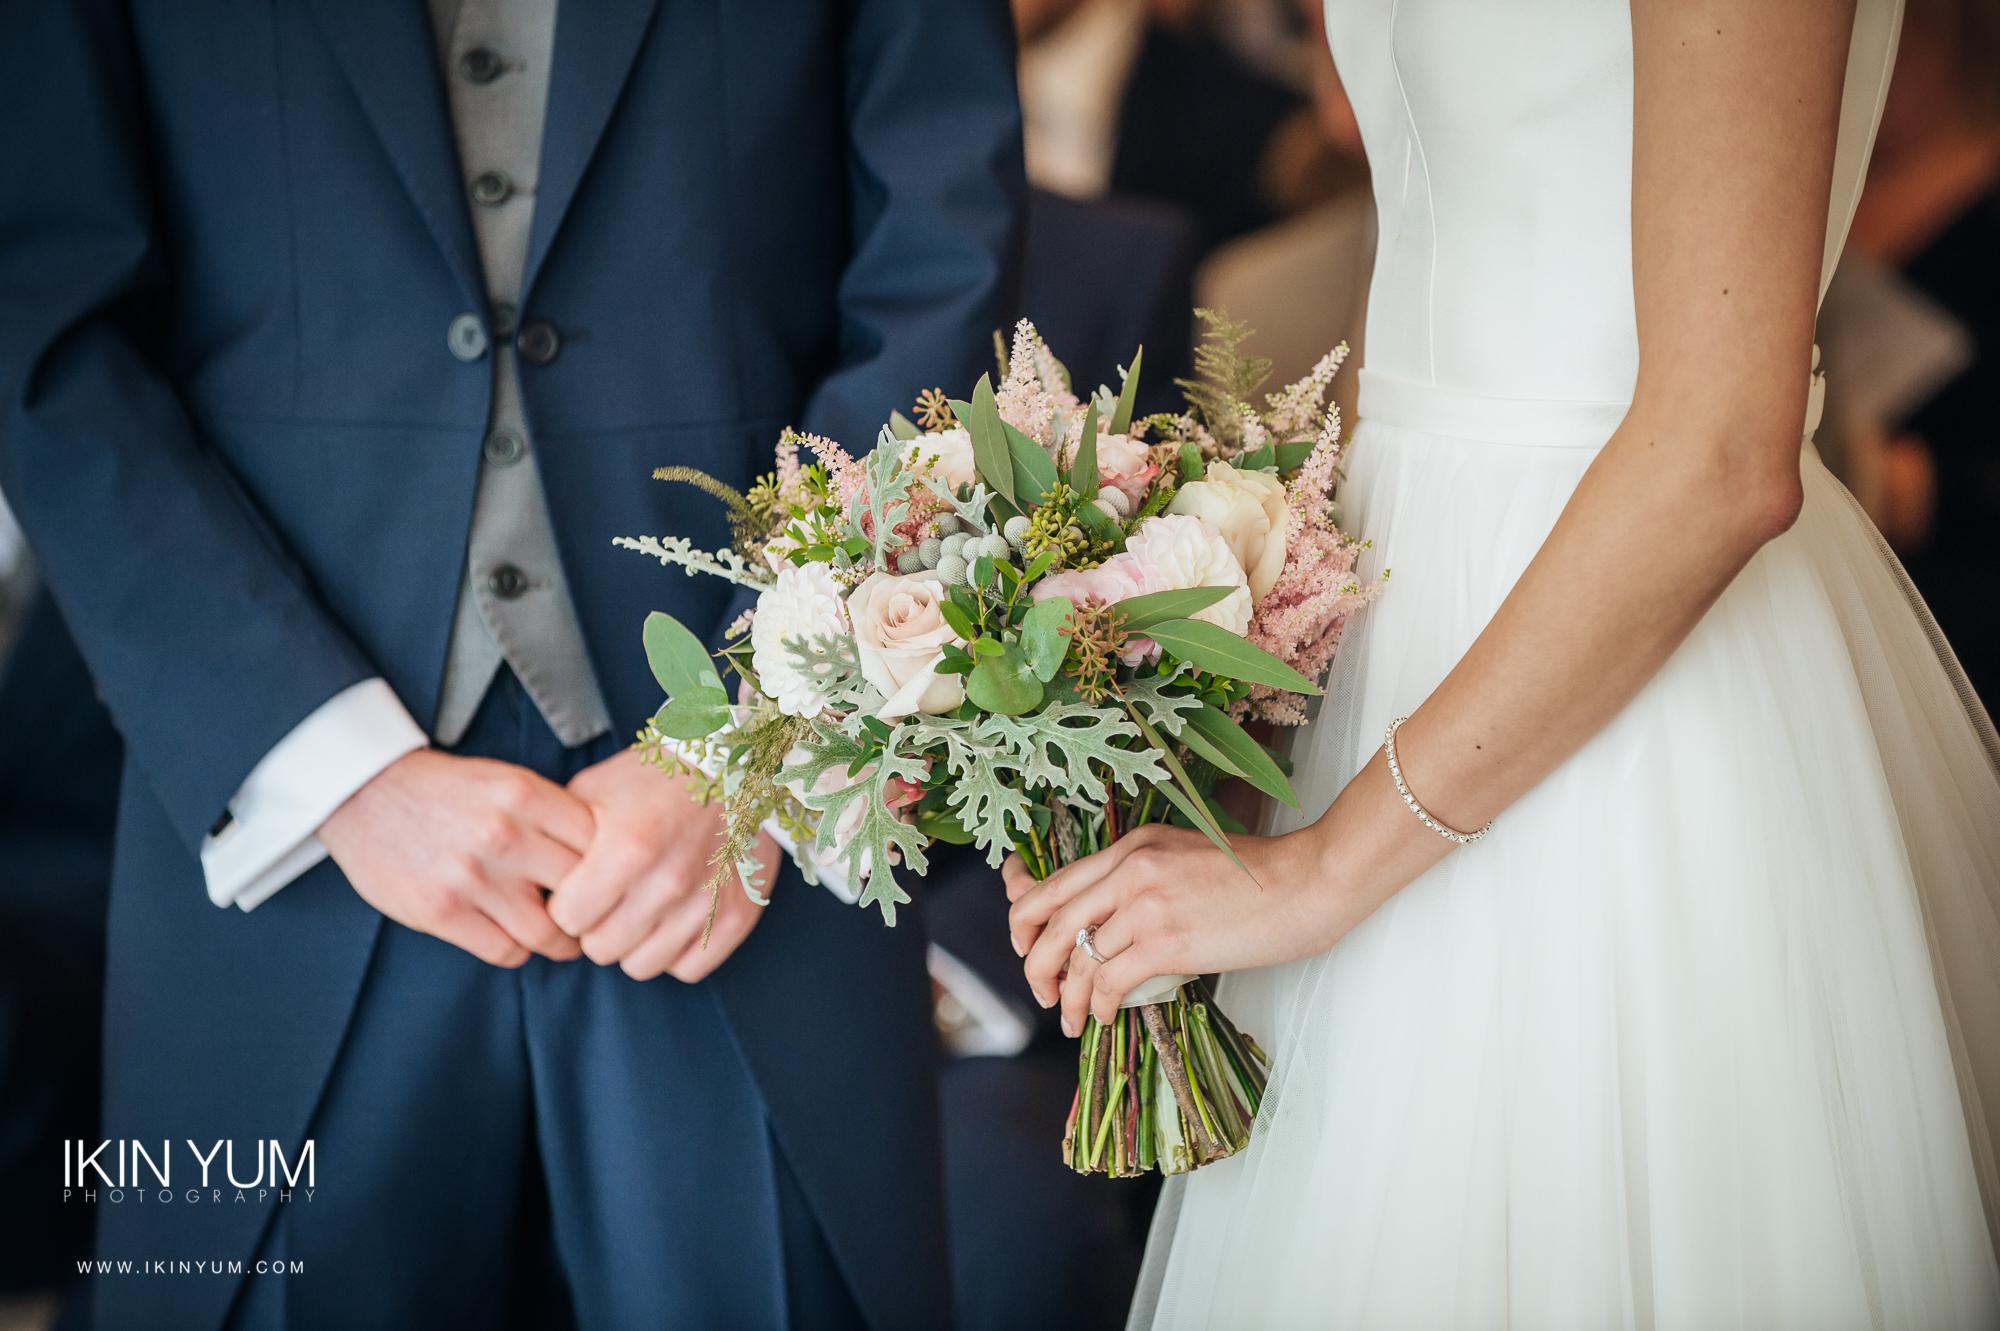 Nicola & Jonny Wedding Day - Ikin Yum Photography-061.jpg